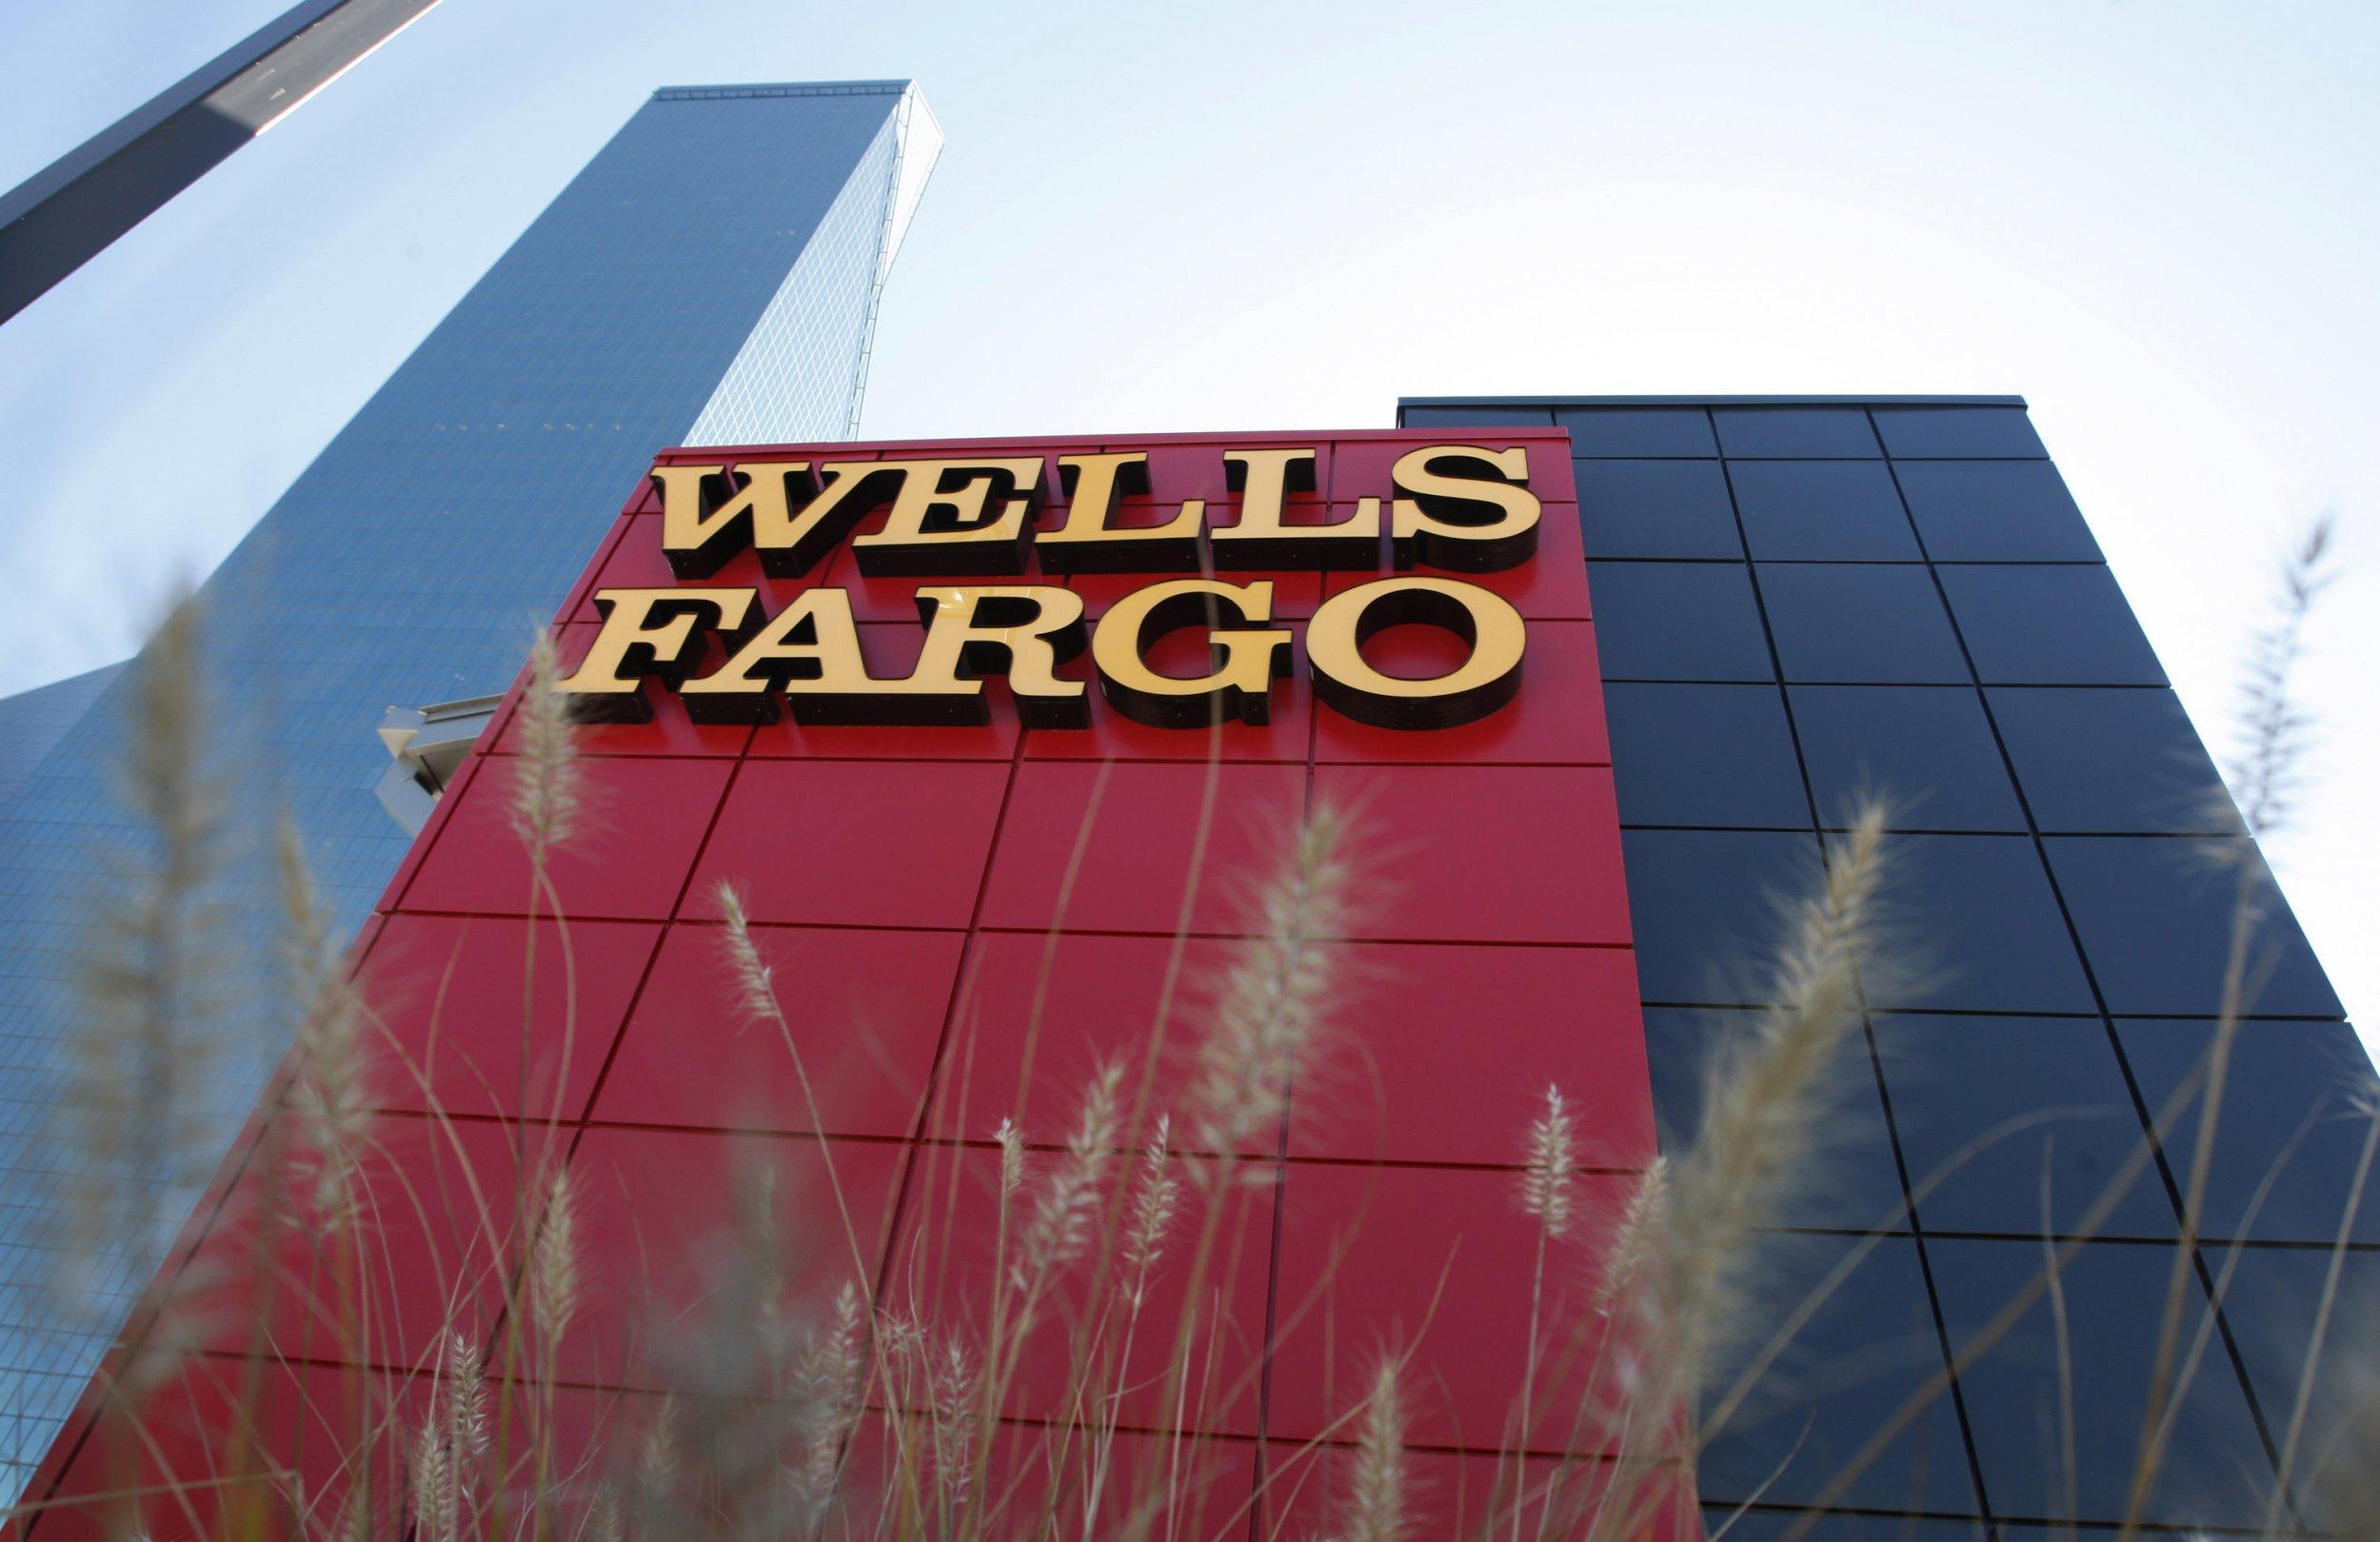 09_08_wells_fargo_01